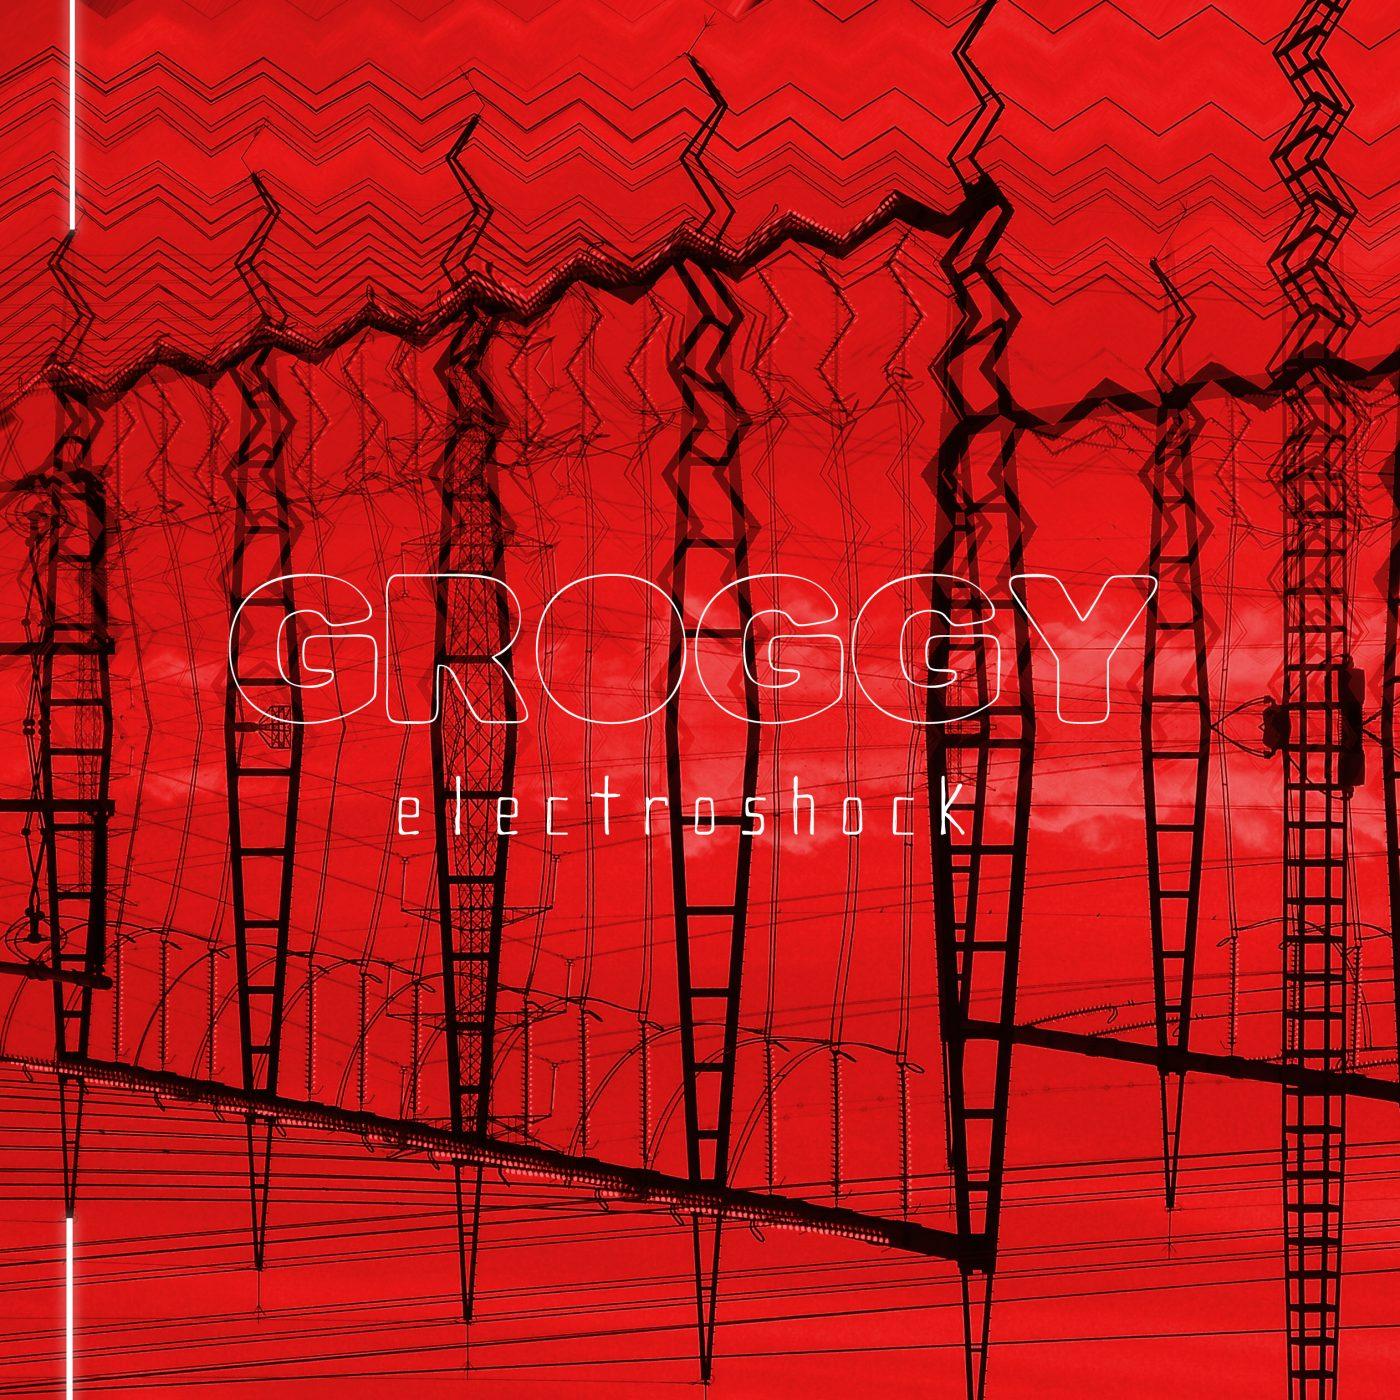 GROGGY – Electroshock